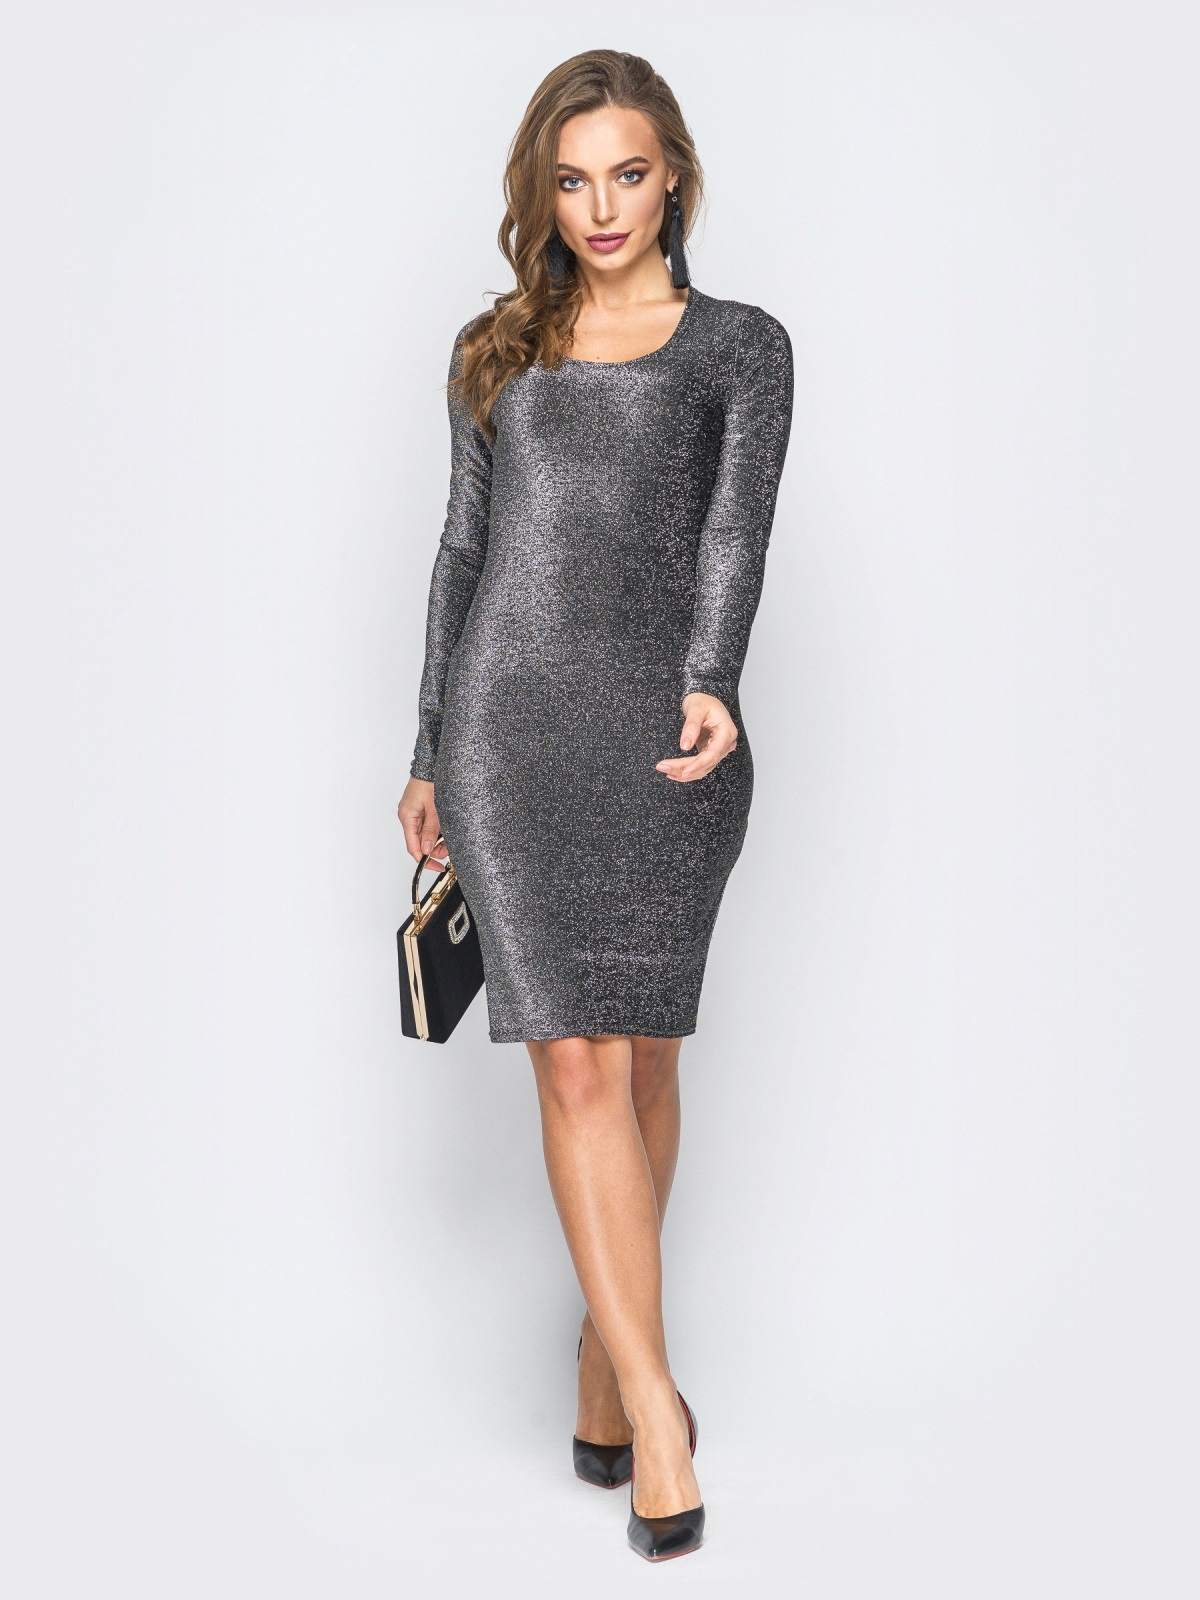 Трикотажное платье с нитью люрекса серое - 18331, фото 1 – интернет-магазин Dressa